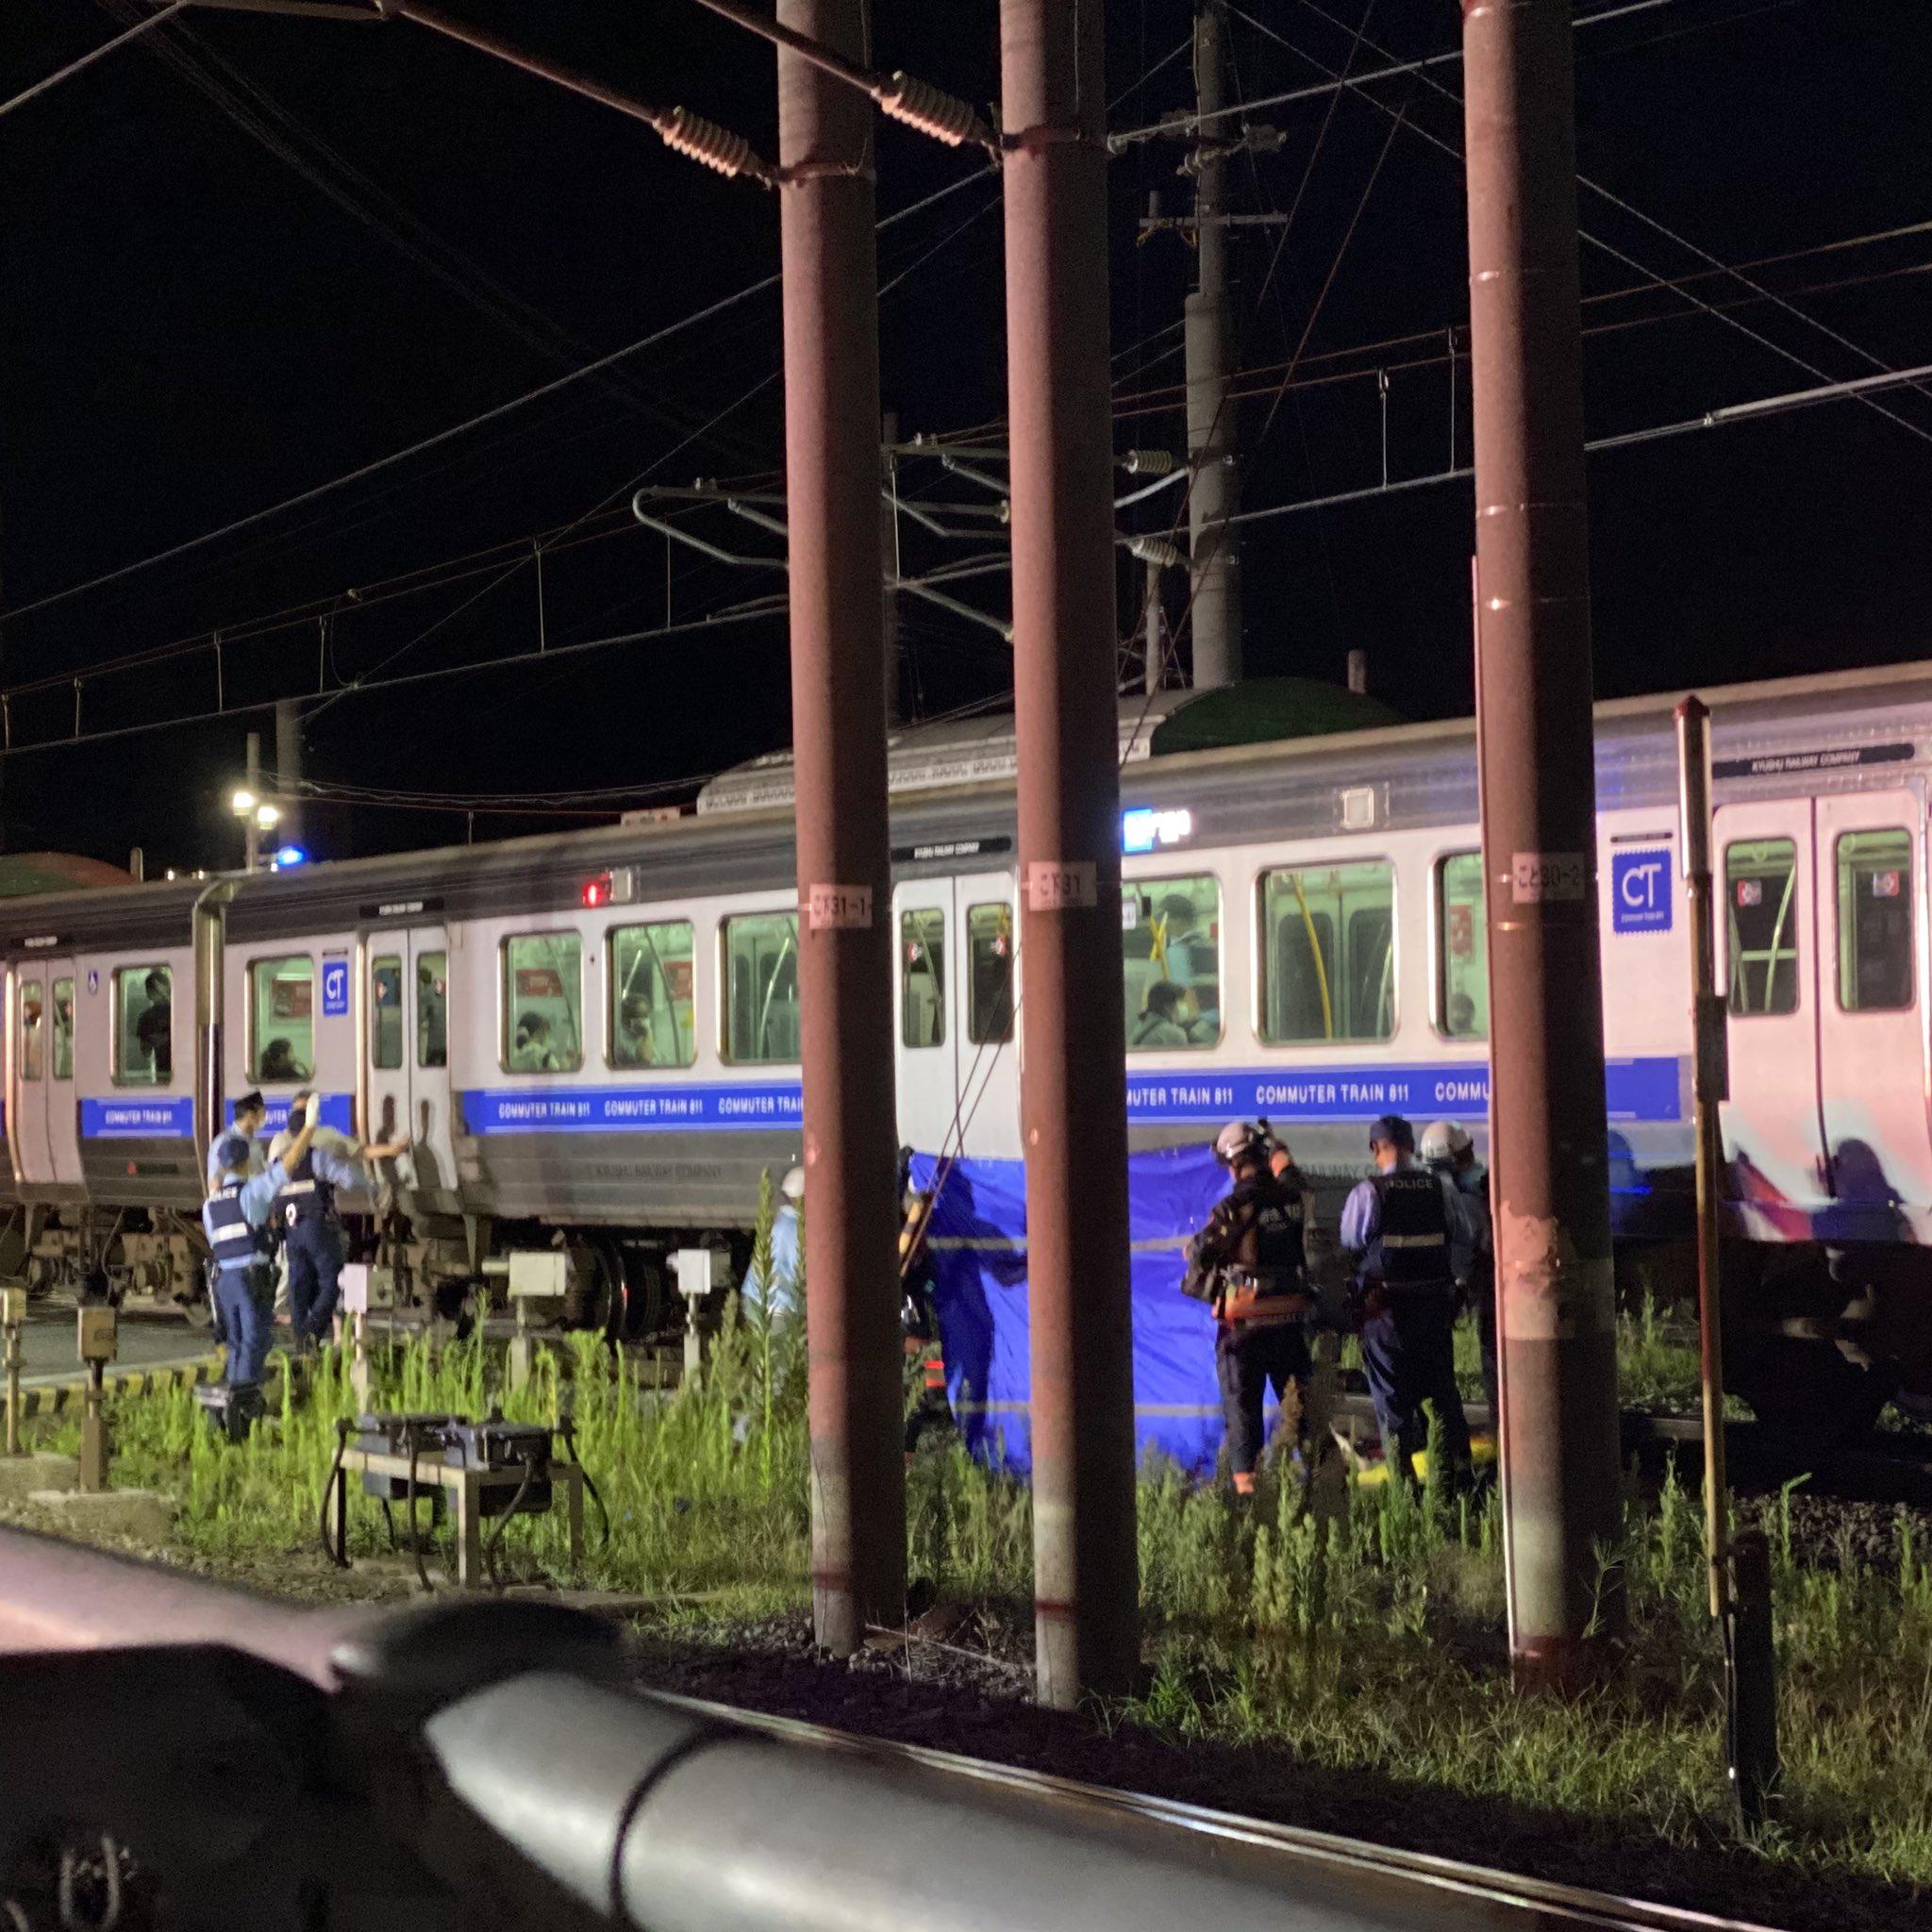 鹿児島本線の福間駅で人身事故が起きた現場の画像